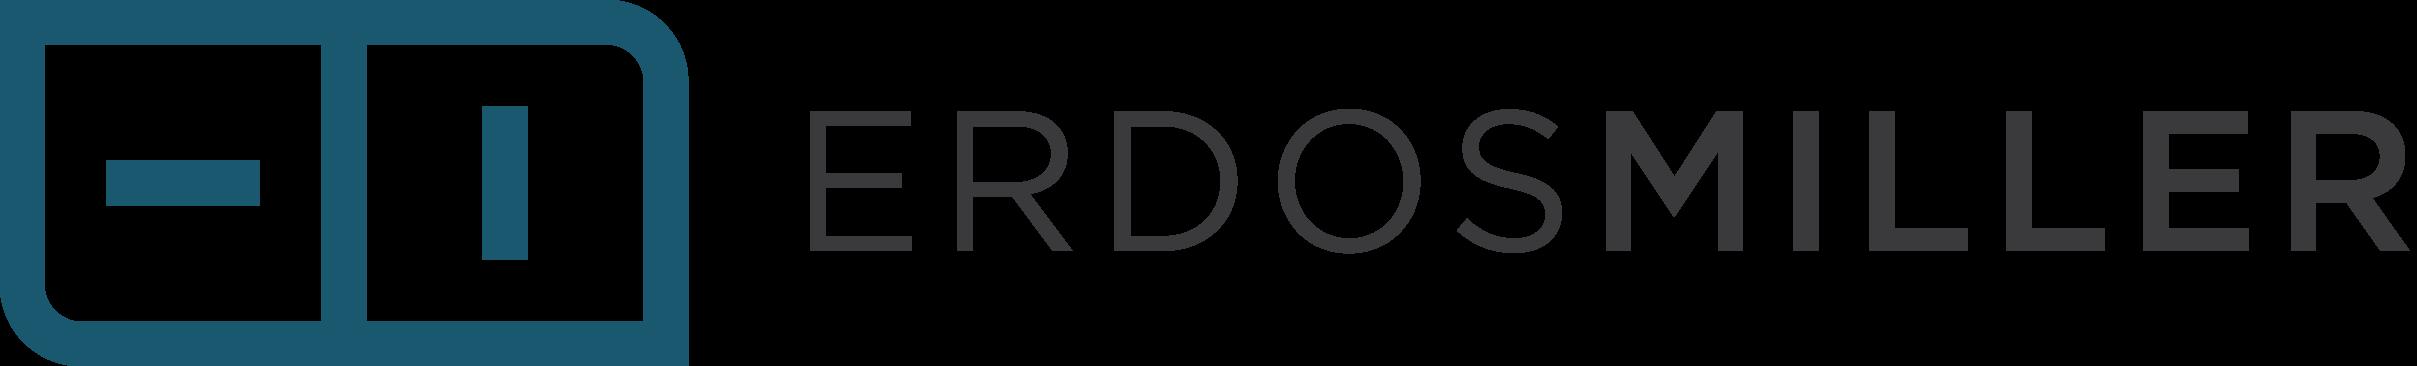 ErdosMiller_LogoLong-1